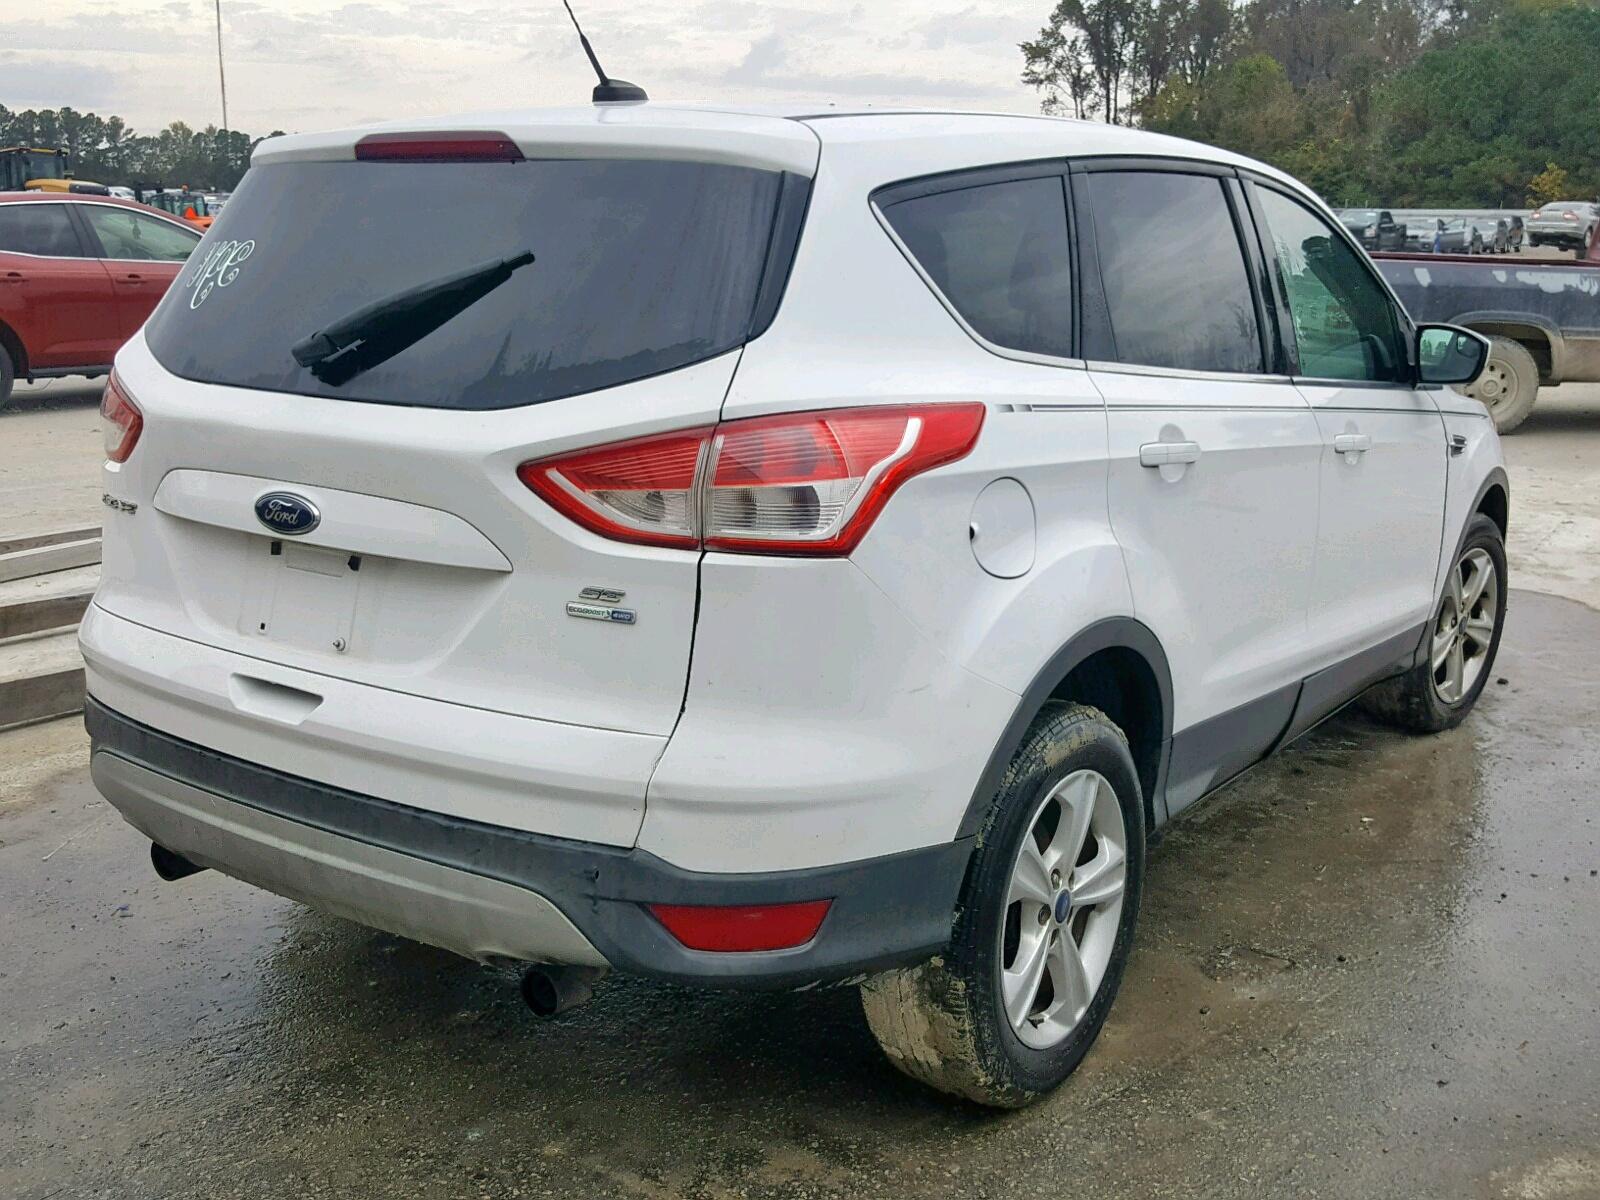 1FMCU9GX2DUD24425 - 2013 Ford Escape Se 1.6L rear view